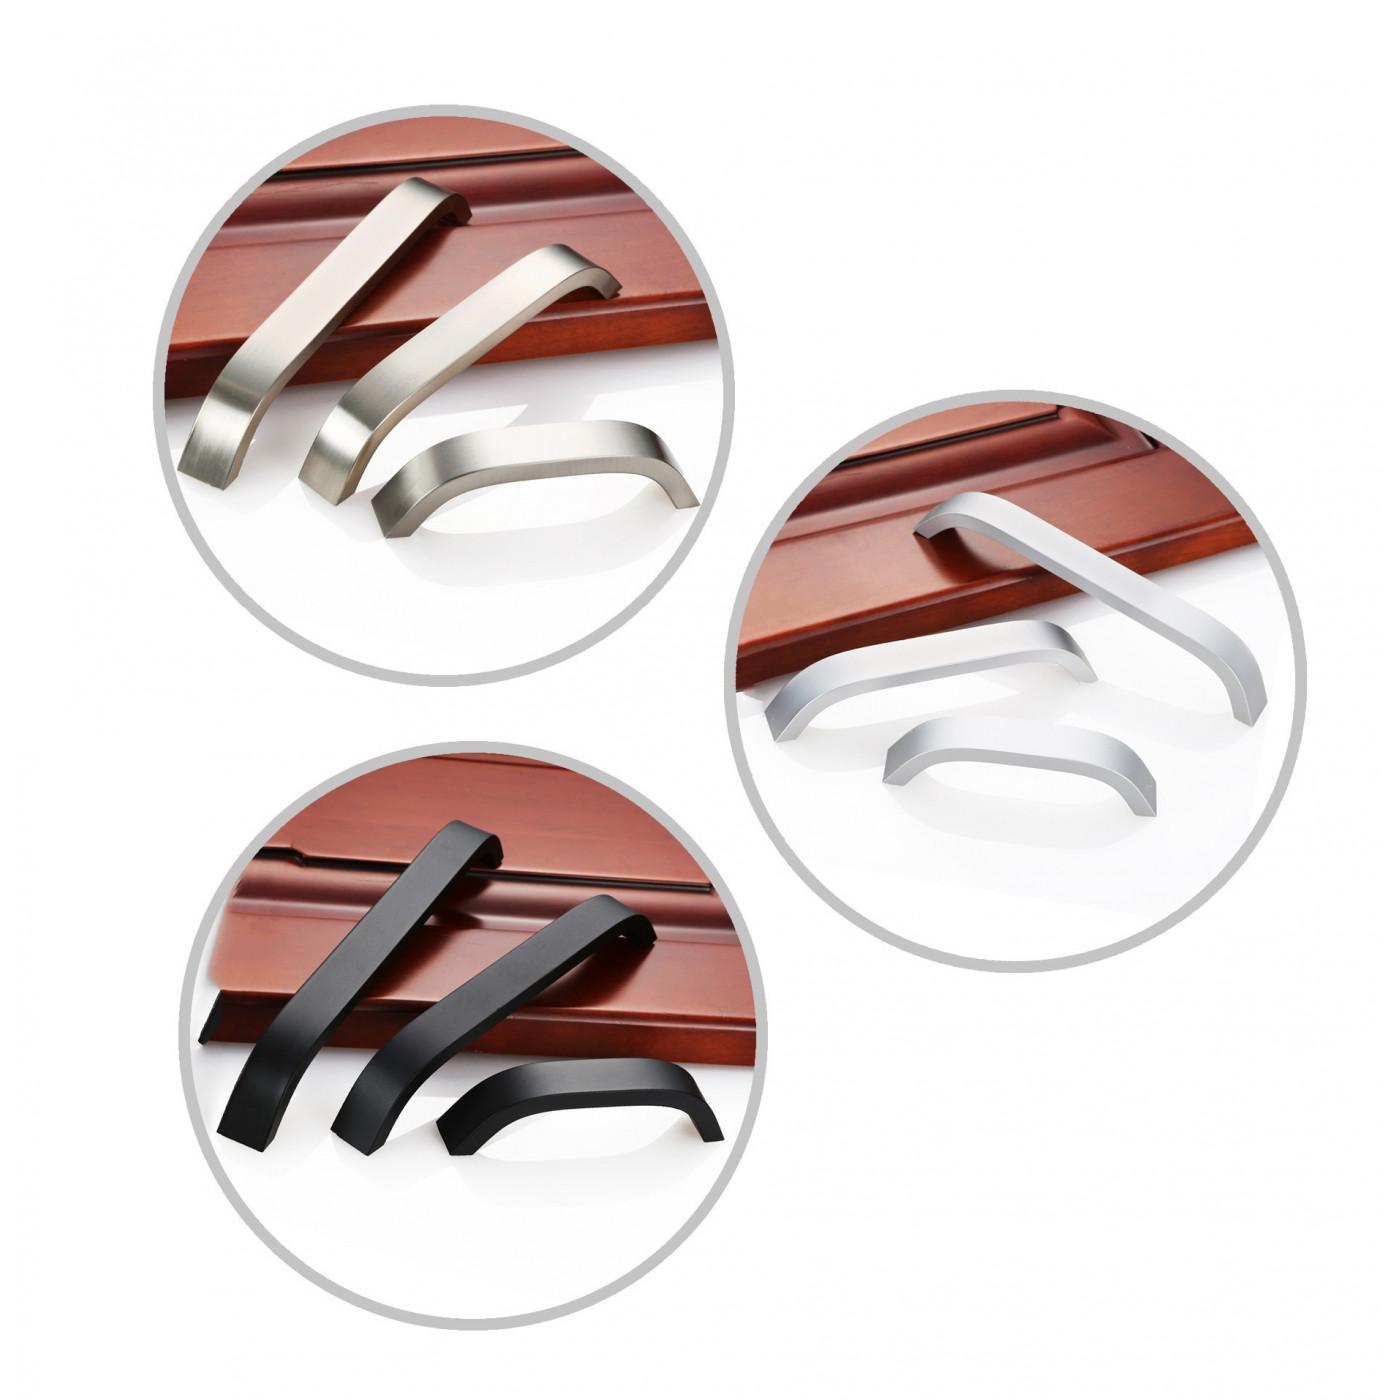 Zestaw 4 wytrzymałych metalowych uchwytów (160 mm, czarny)  - 1